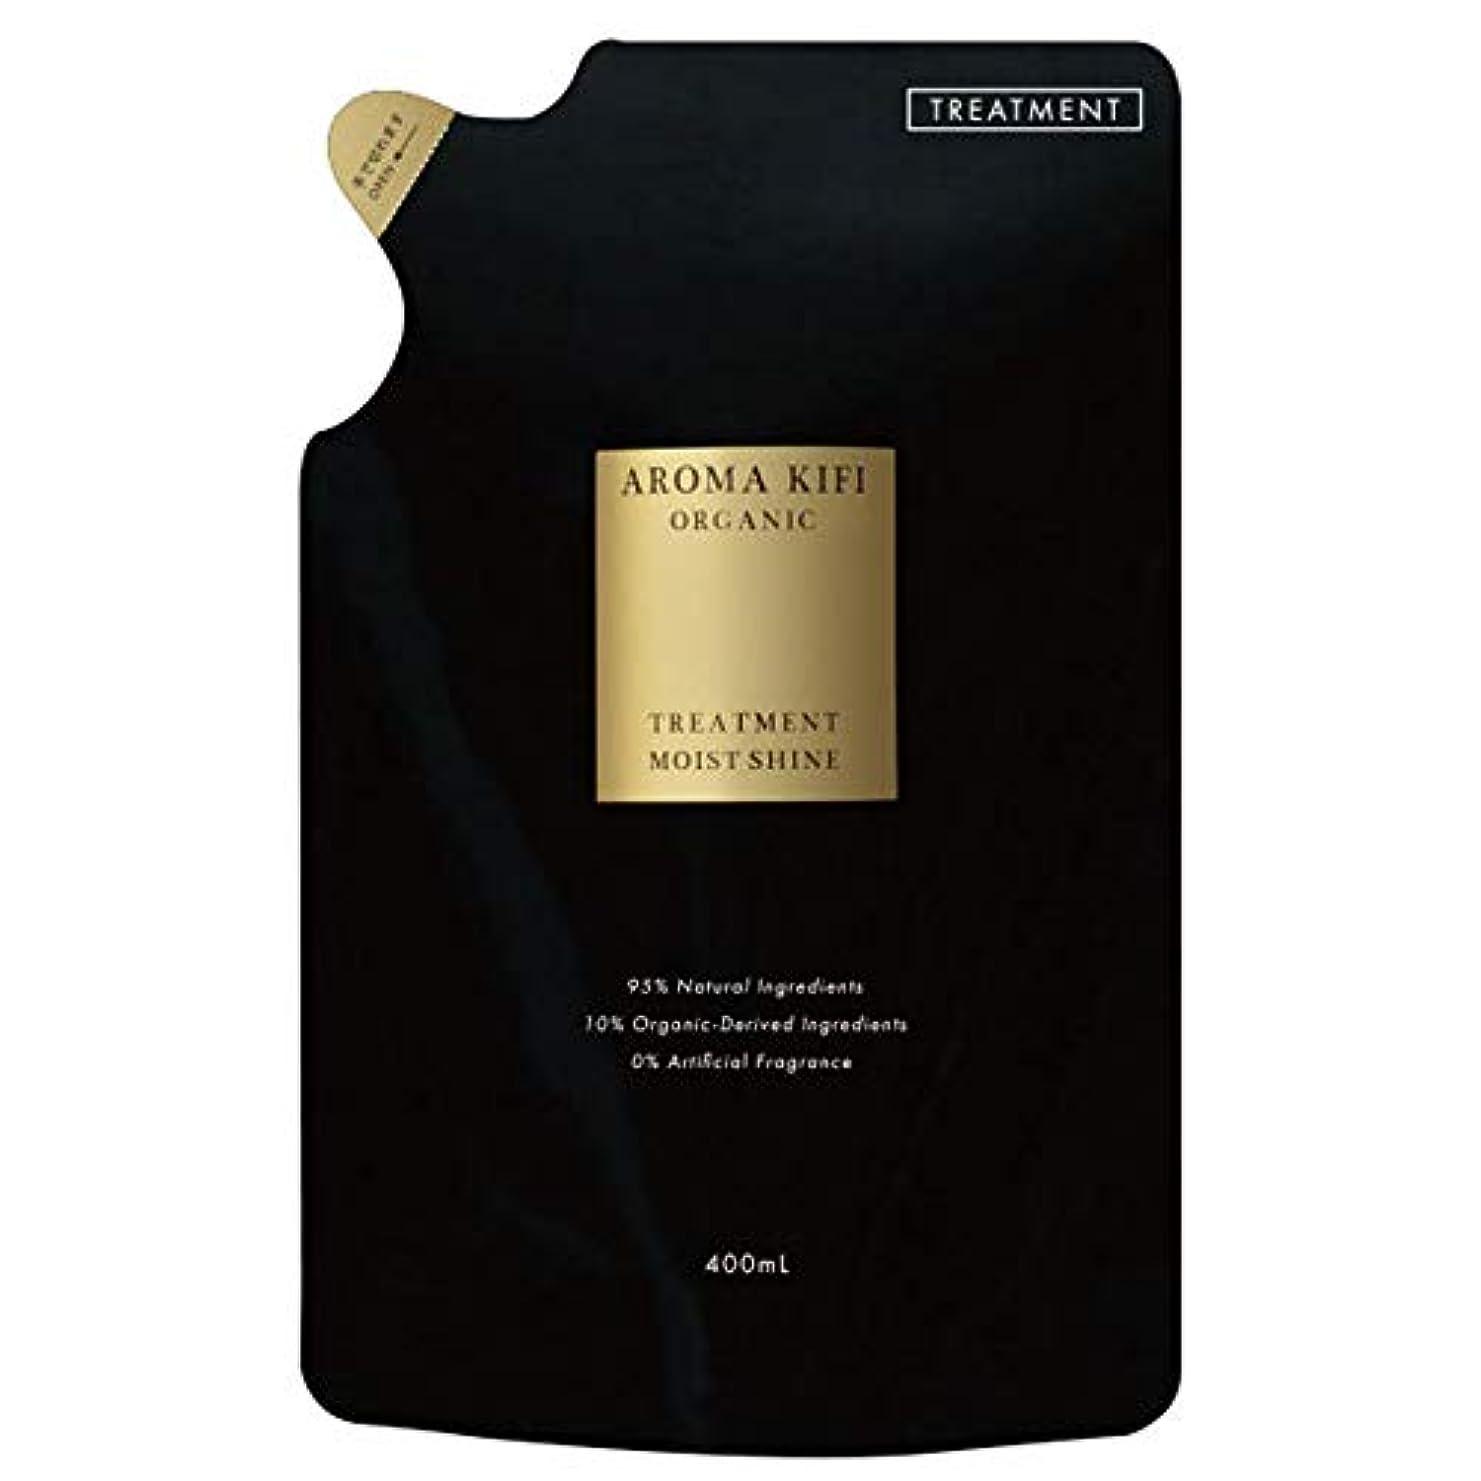 アロマキフィ オーガニック トリートメント 詰替え 400ml 【モイスト&シャイン】サロン品質 ノンシリコン 無添加 シトラスハーブの香り